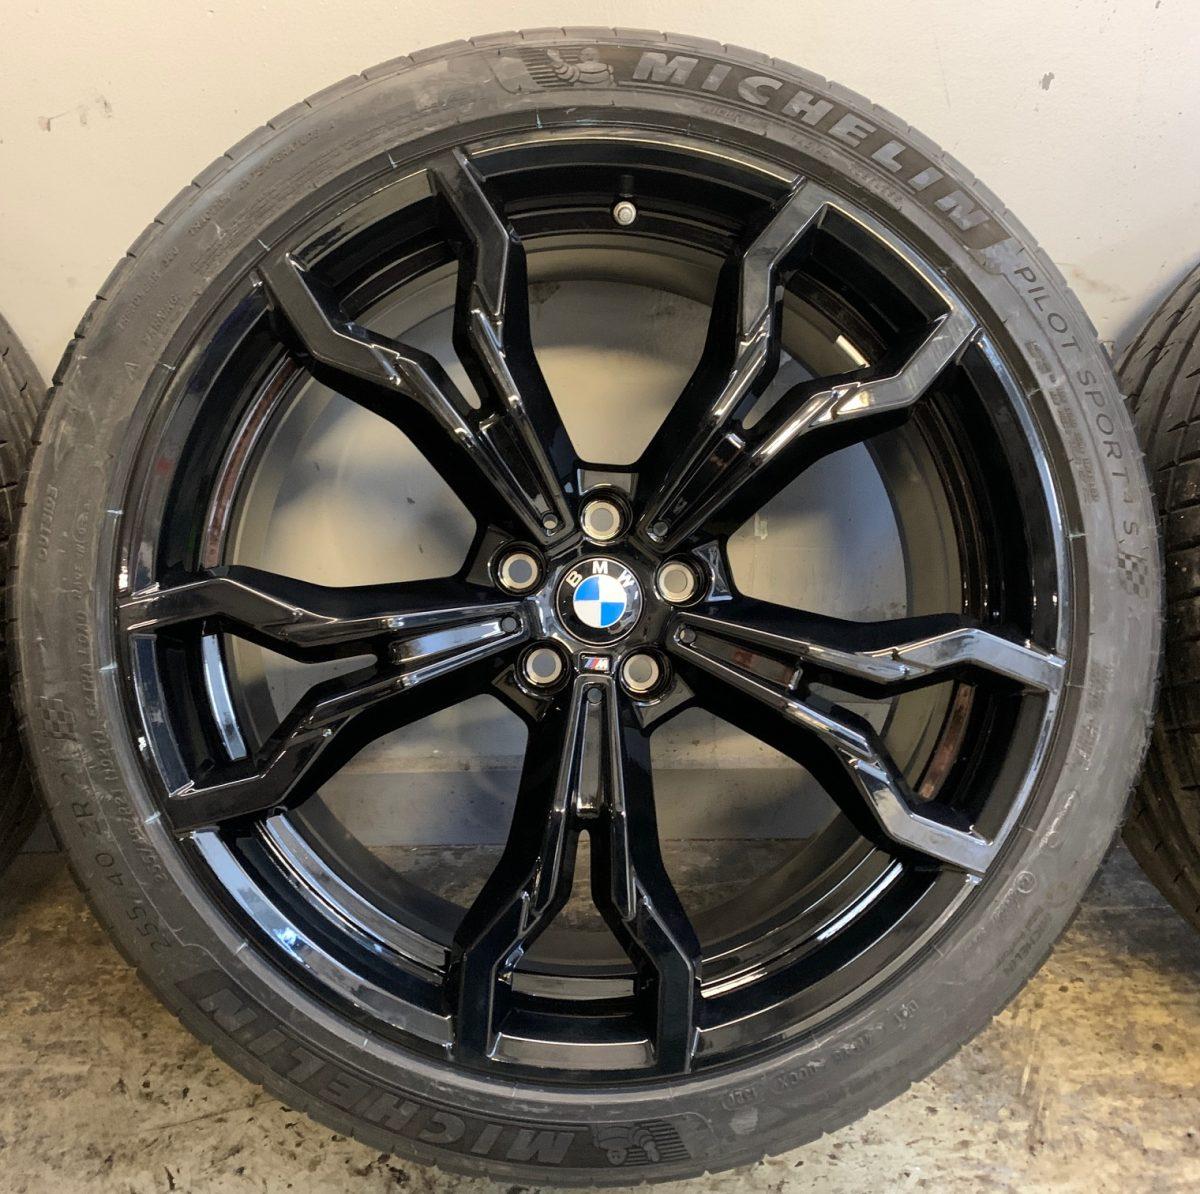 Gyári alufelni BMW X3M-X4M F97-98 (765M Style) 9,5X21-10X21 5X112 alufelni új nyárikerék-garnitúra! Michelin gumikkal 2